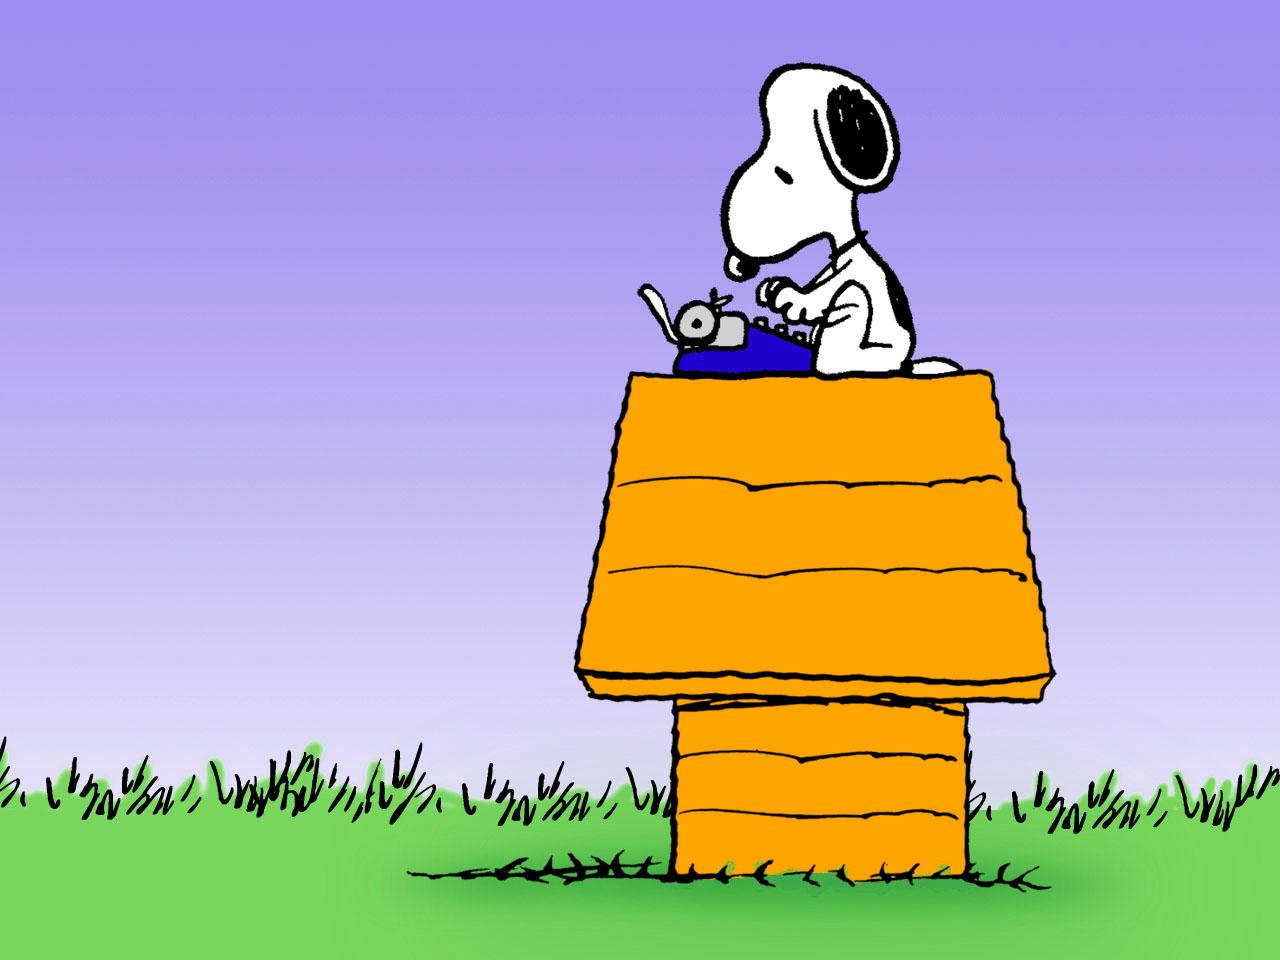 snoopy peanuts comic strip a9G 1280x960